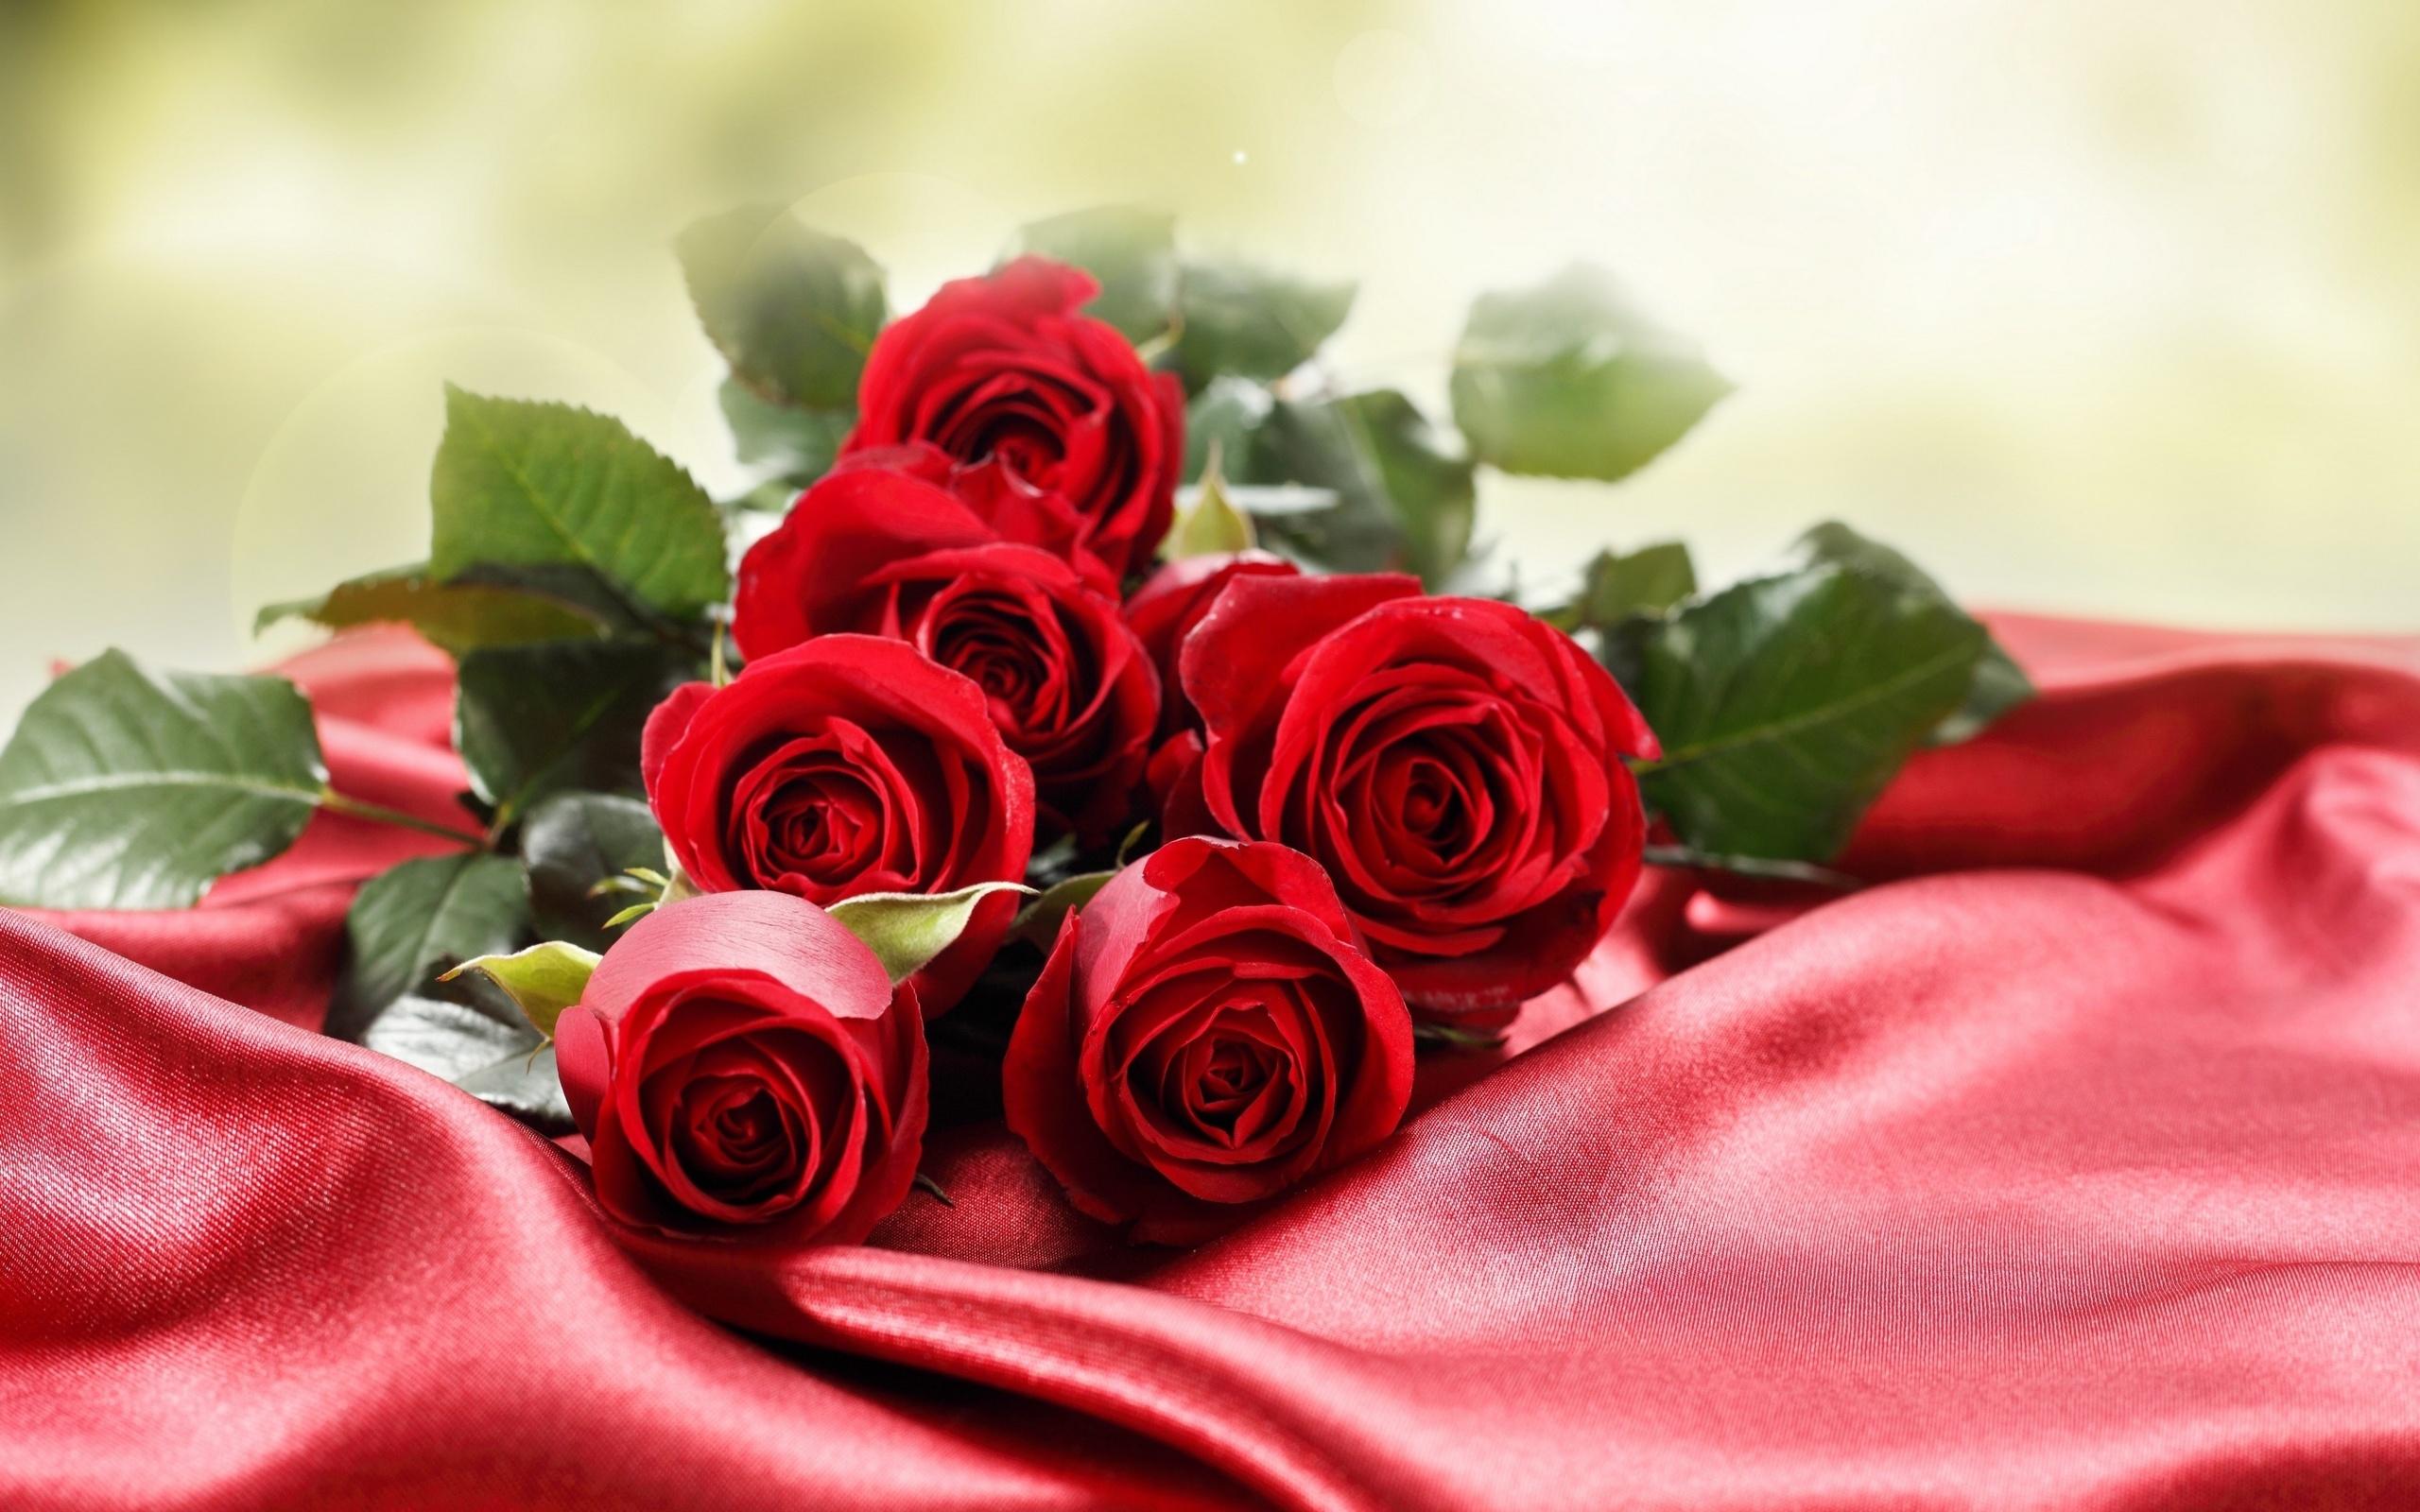 С юбилеем картинка с розами, картинки днем